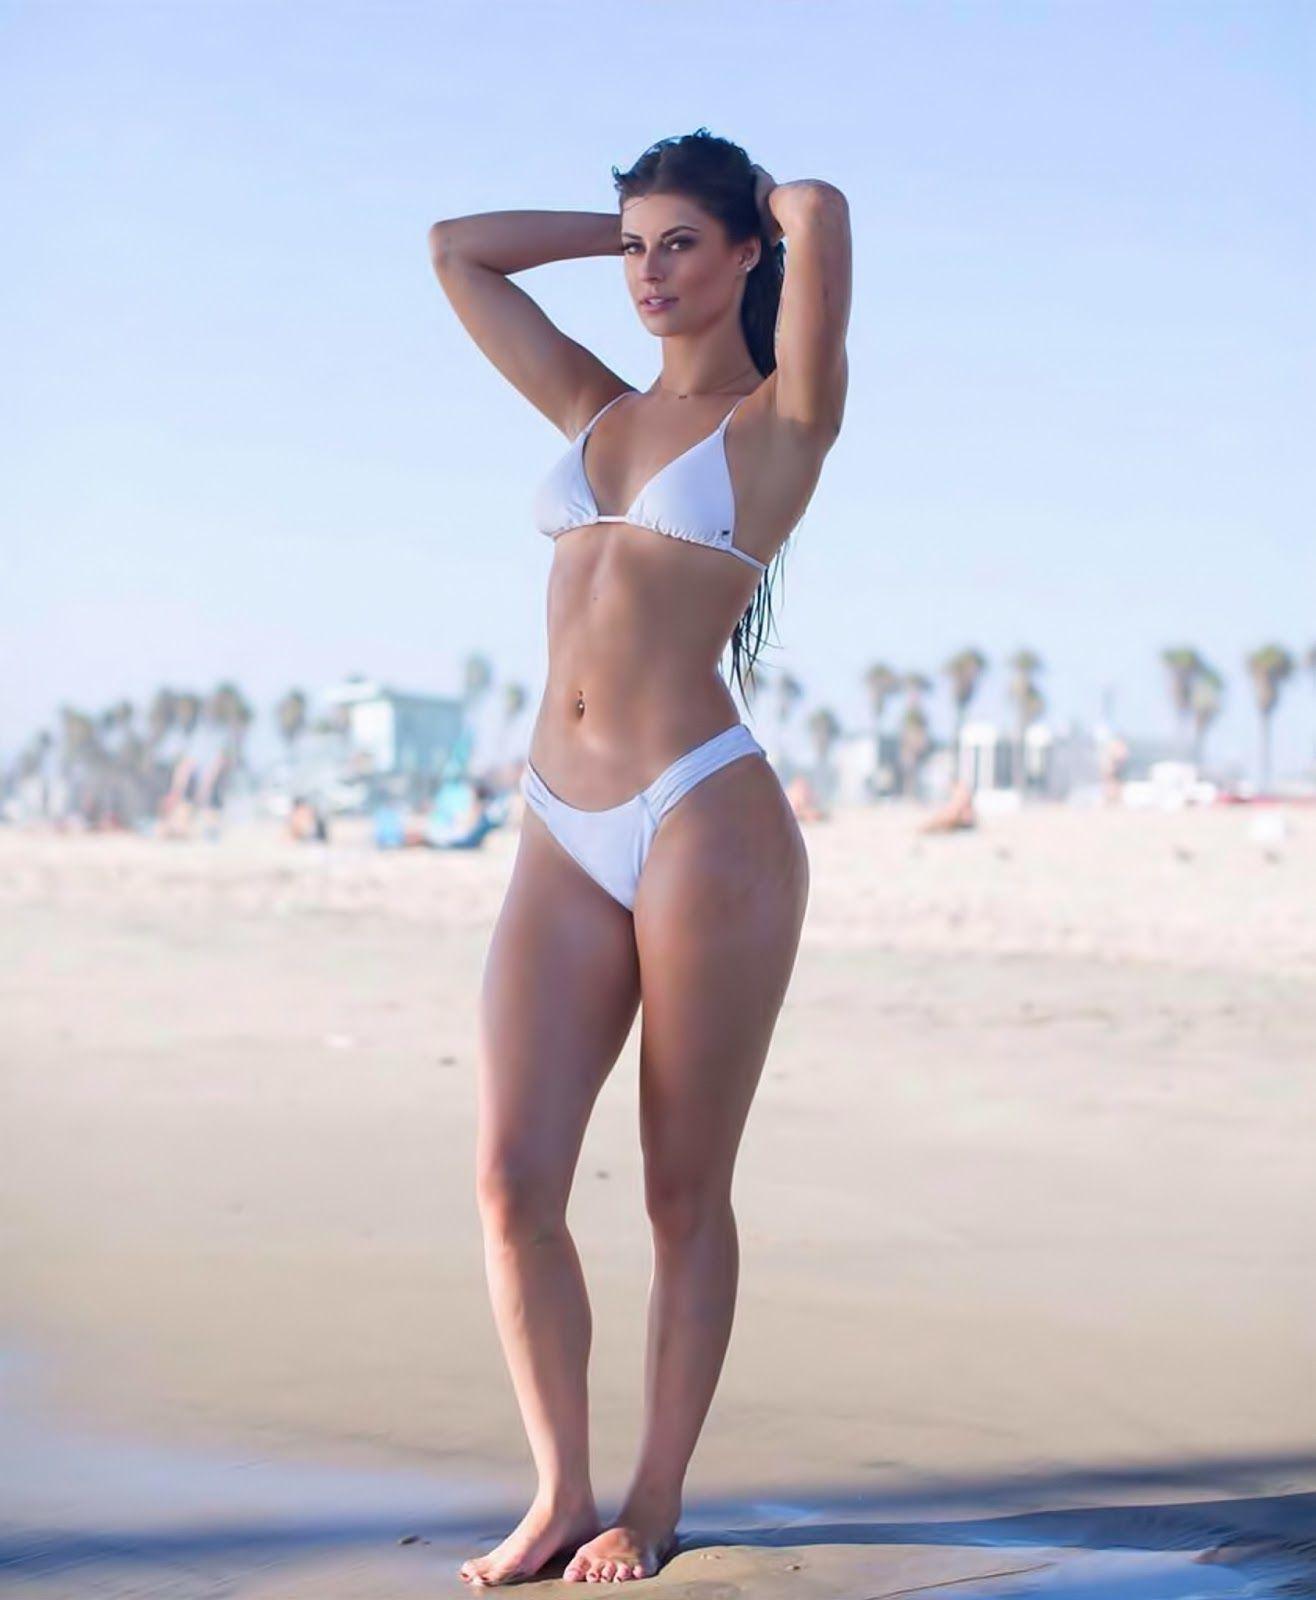 Bikini Beatrice Pons naked (53 photo) Sexy, Facebook, in bikini